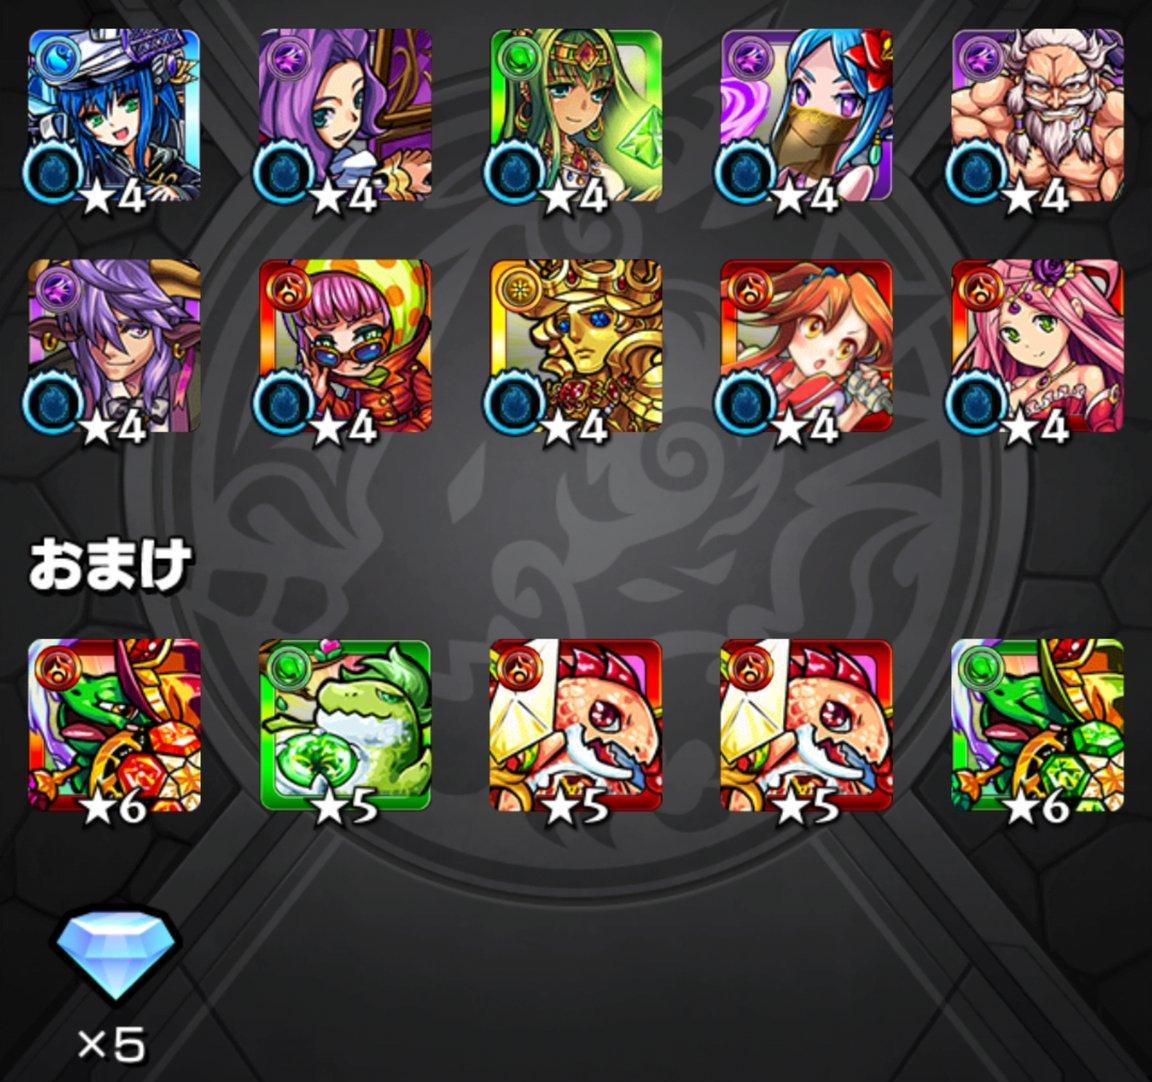 モンスト夏ガチャ10連結果6_忍野忍はなし